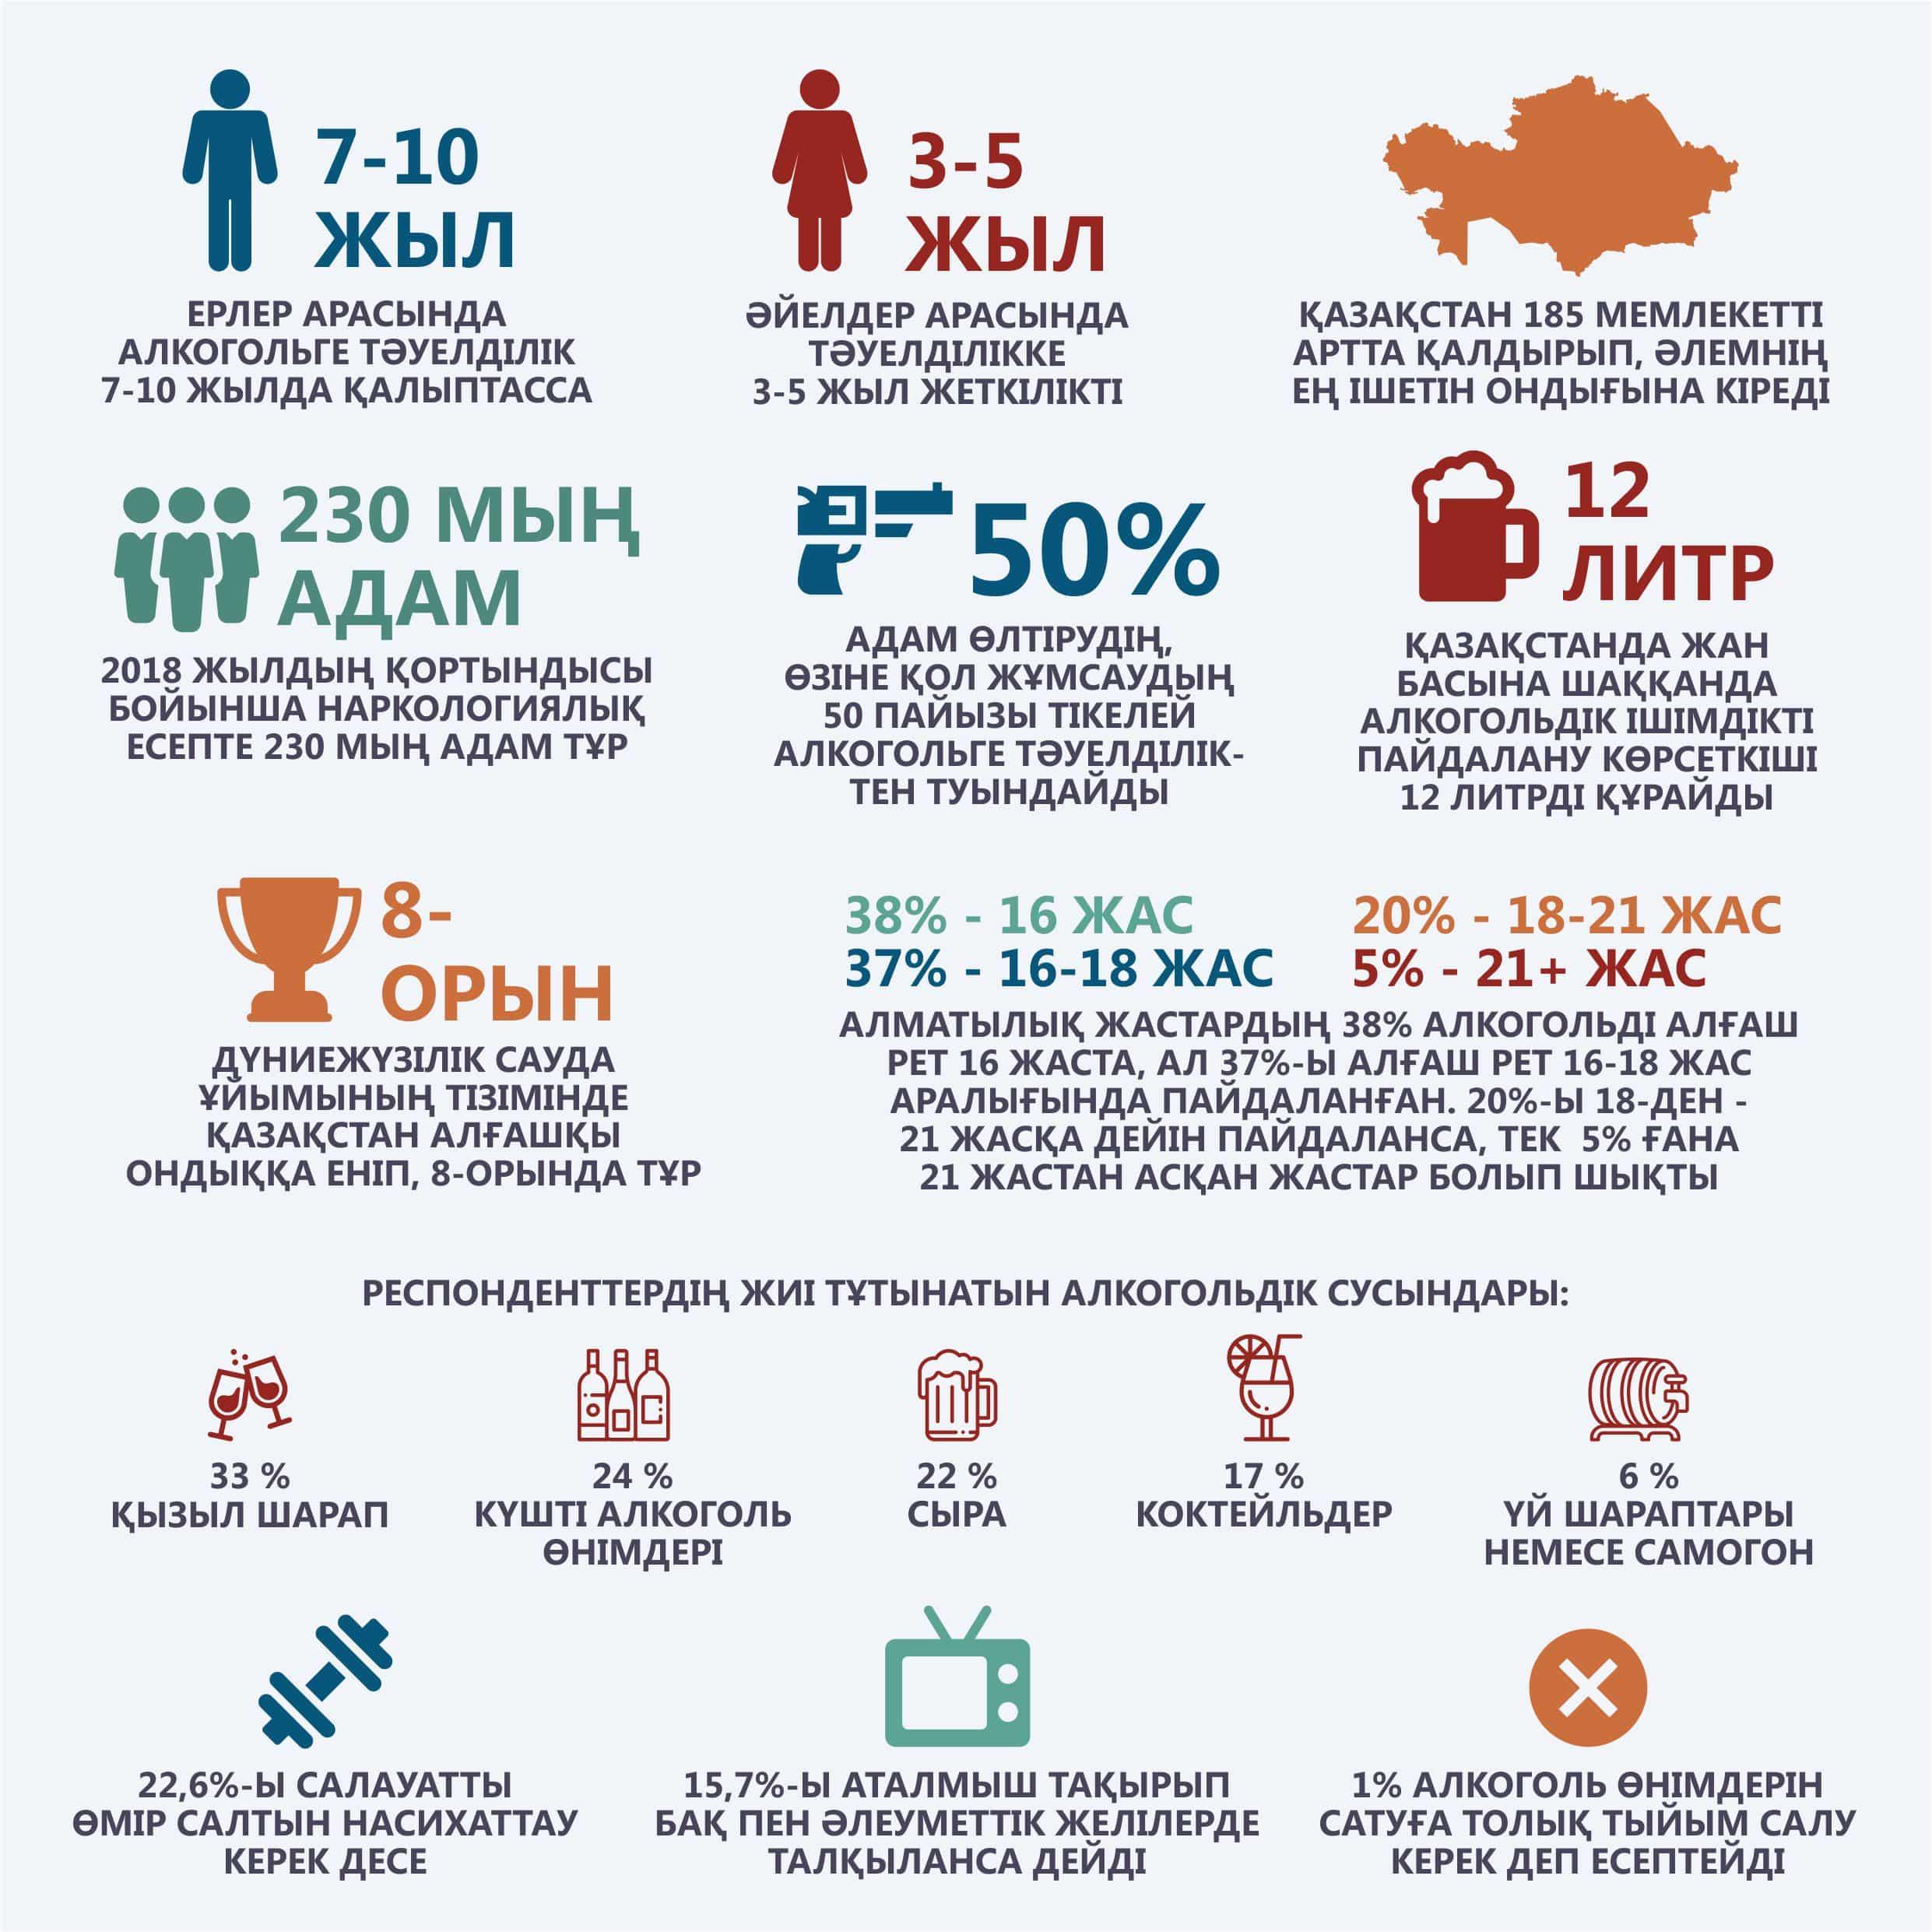 Инфографика, алкоголизм, макүнемдік